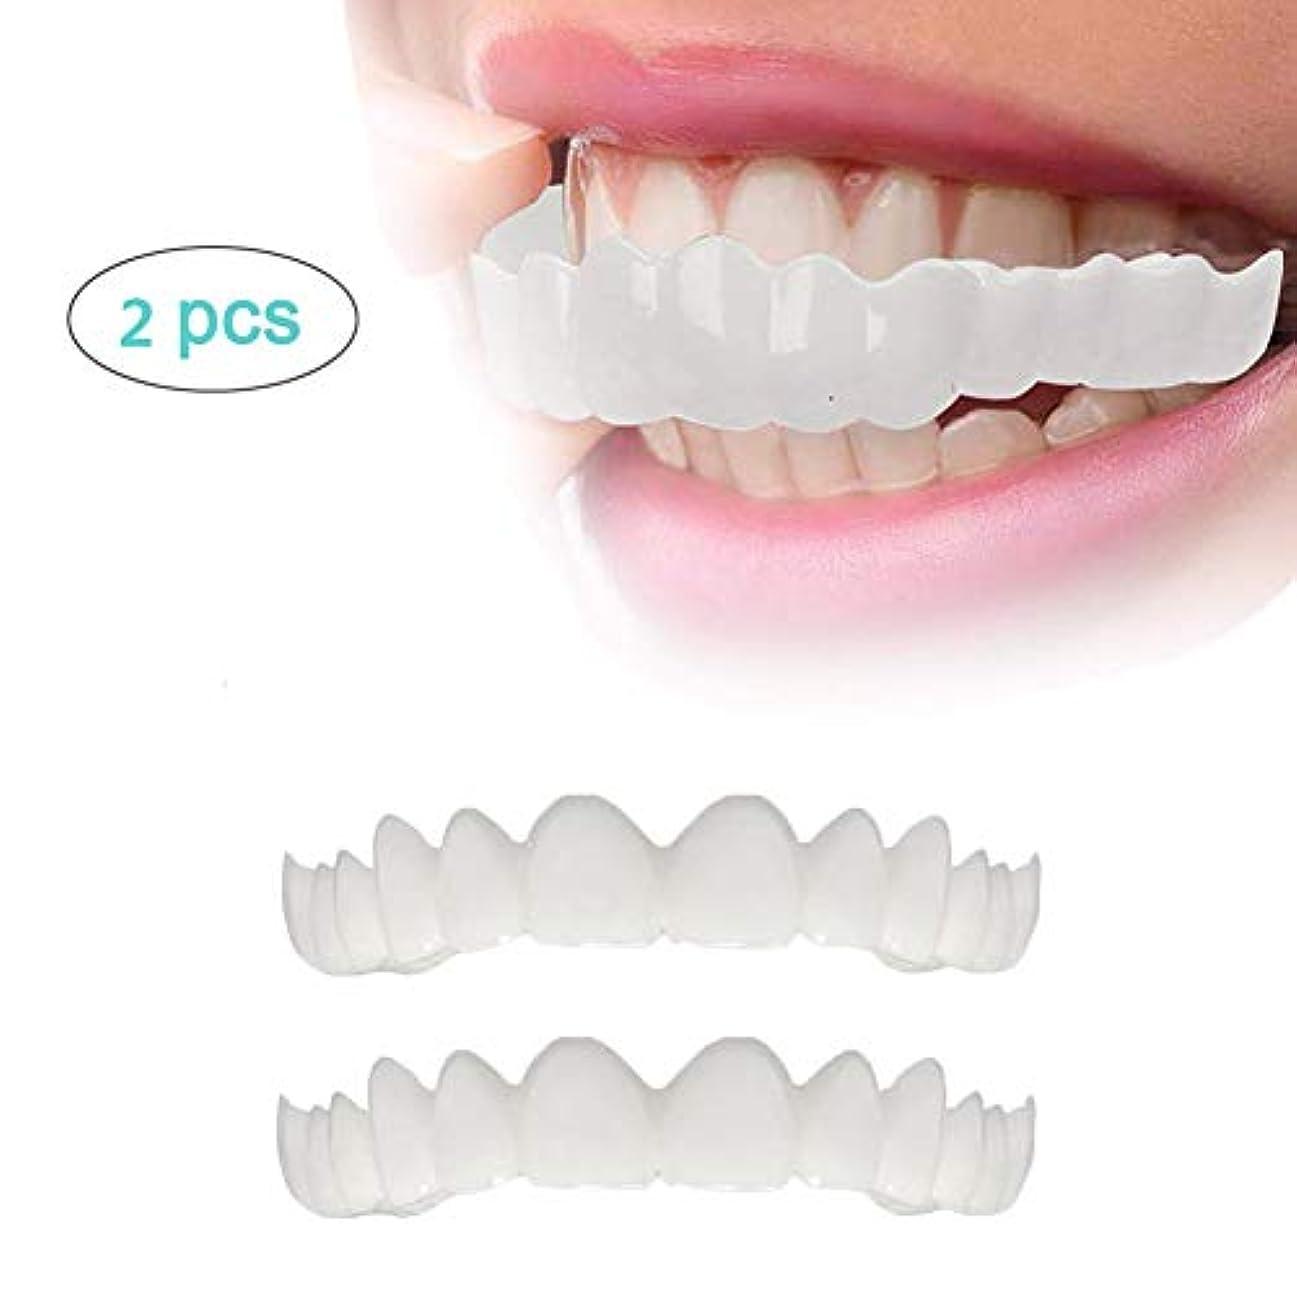 線形思想急降下上歯の化粧板の2枚、フレックス化粧品の歯に適した化粧品の歯科快適性、最も快適な義歯のケア,2lowerteeth